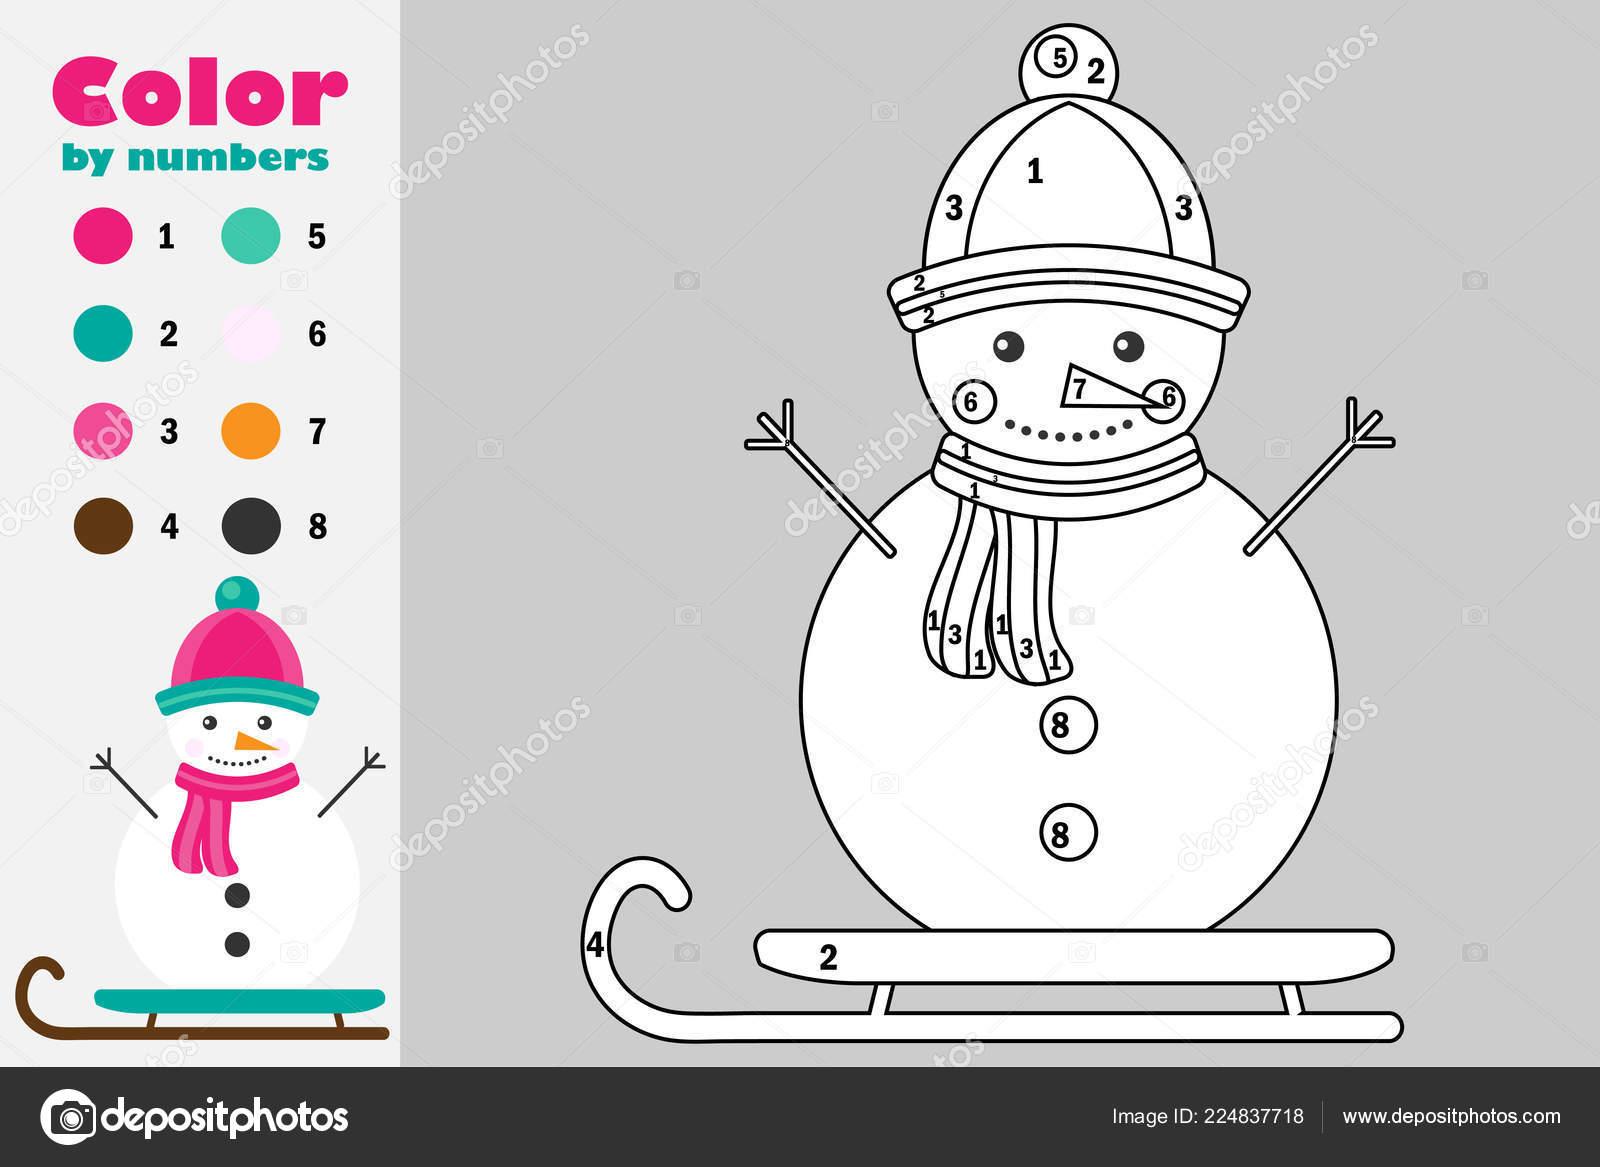 Muneco Nieve Estilo Dibujos Animados Color Por Numero Papel Navidad